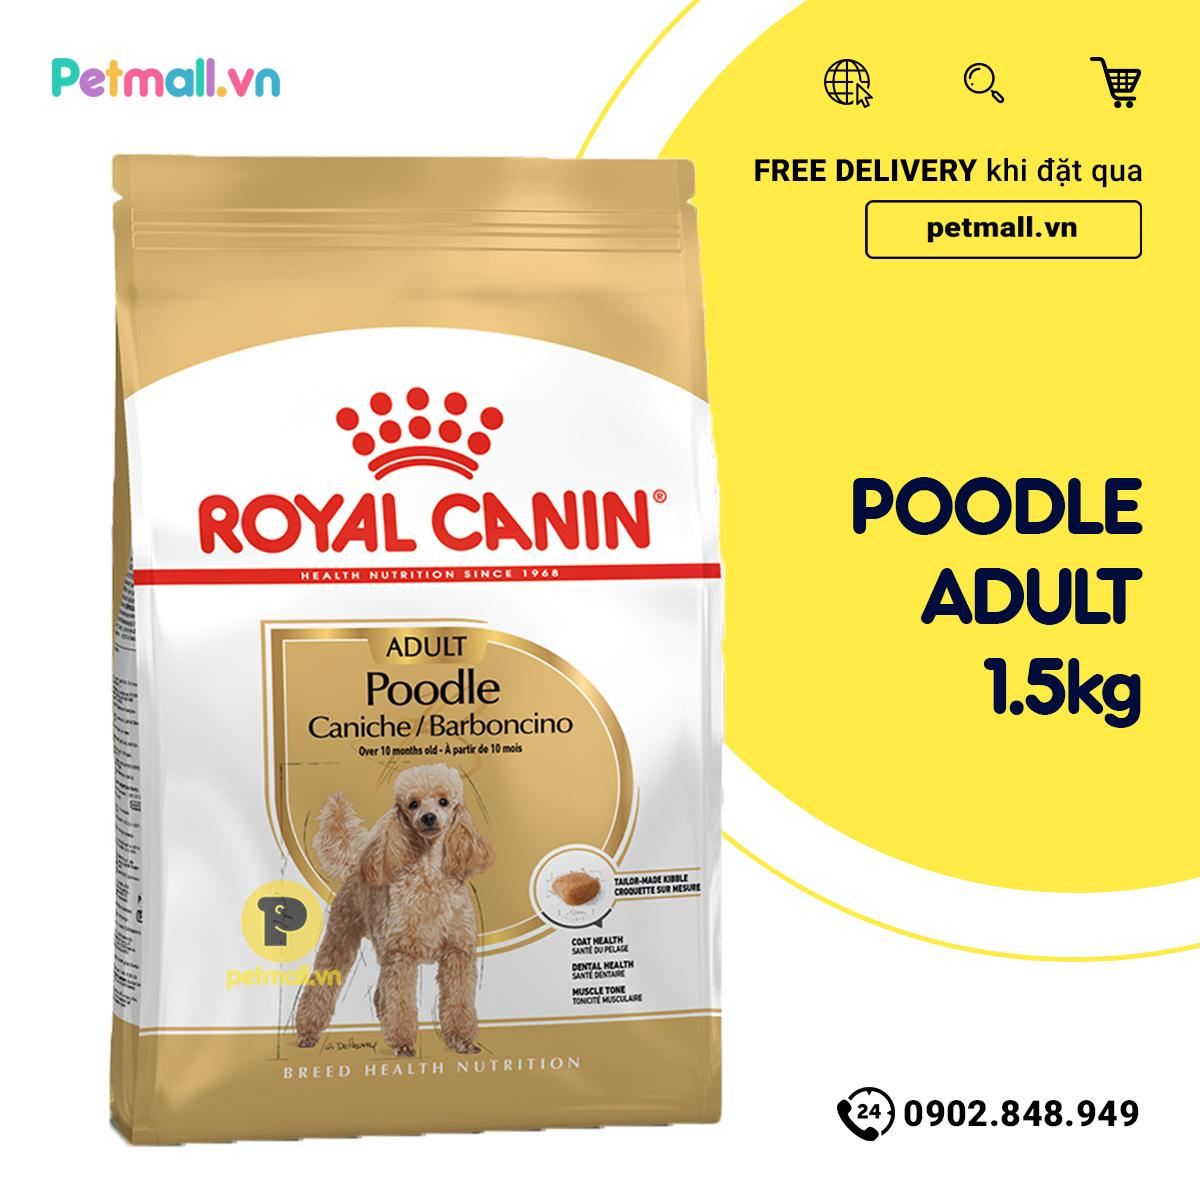 Voucher Giảm Giá Thức ăn Chó Royal Canin Poodle Adult 1.5kg